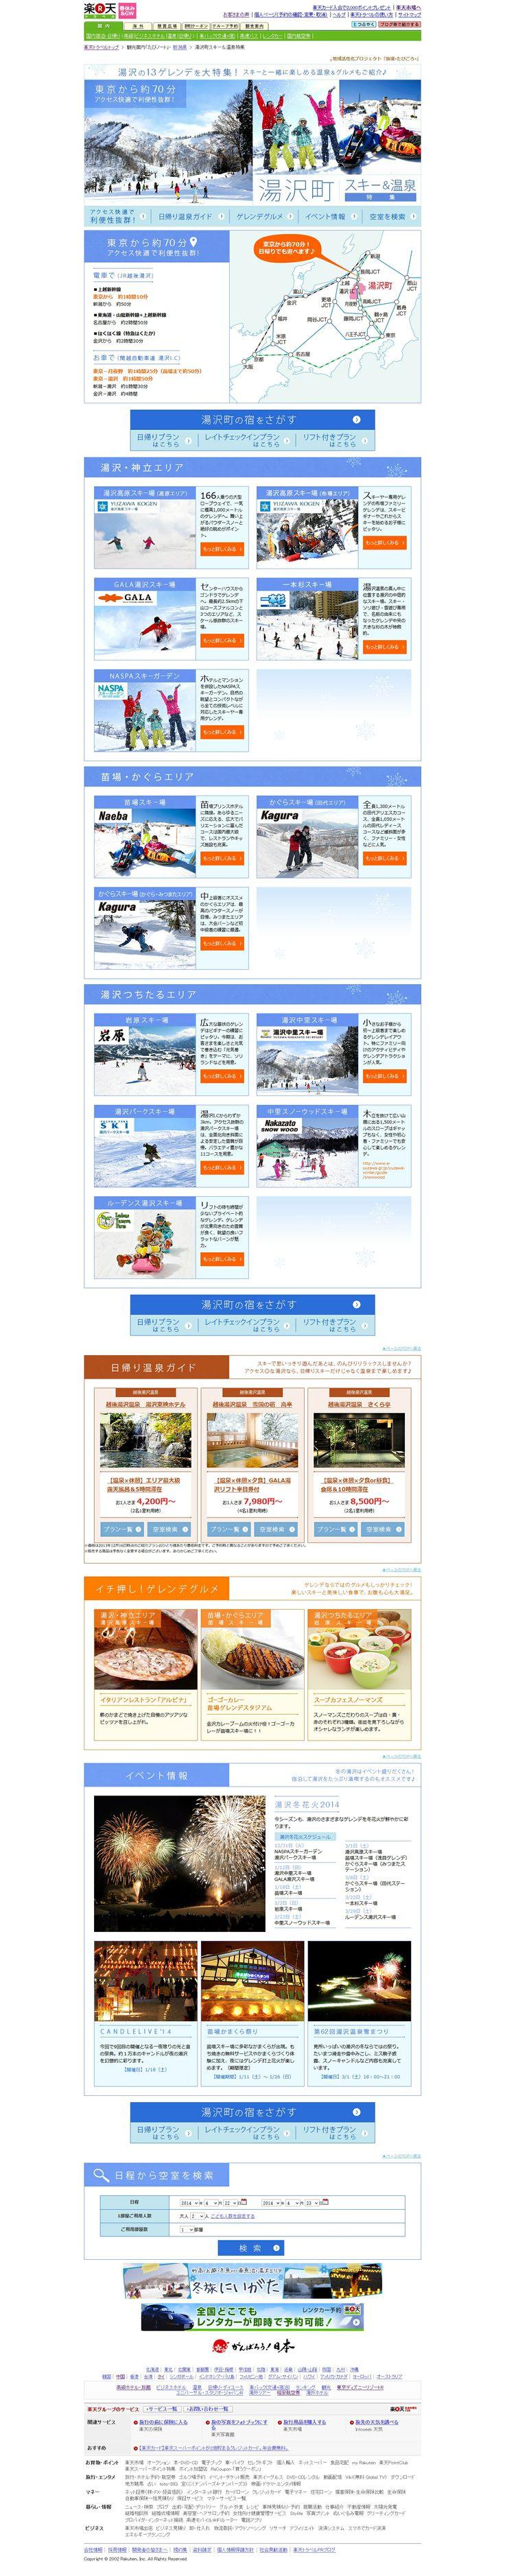 【旅頃】湯沢町観光協会 格子状 青 オレンジ 冬 http://travel.rakuten.co.jp/movement/niigata/201312-2/